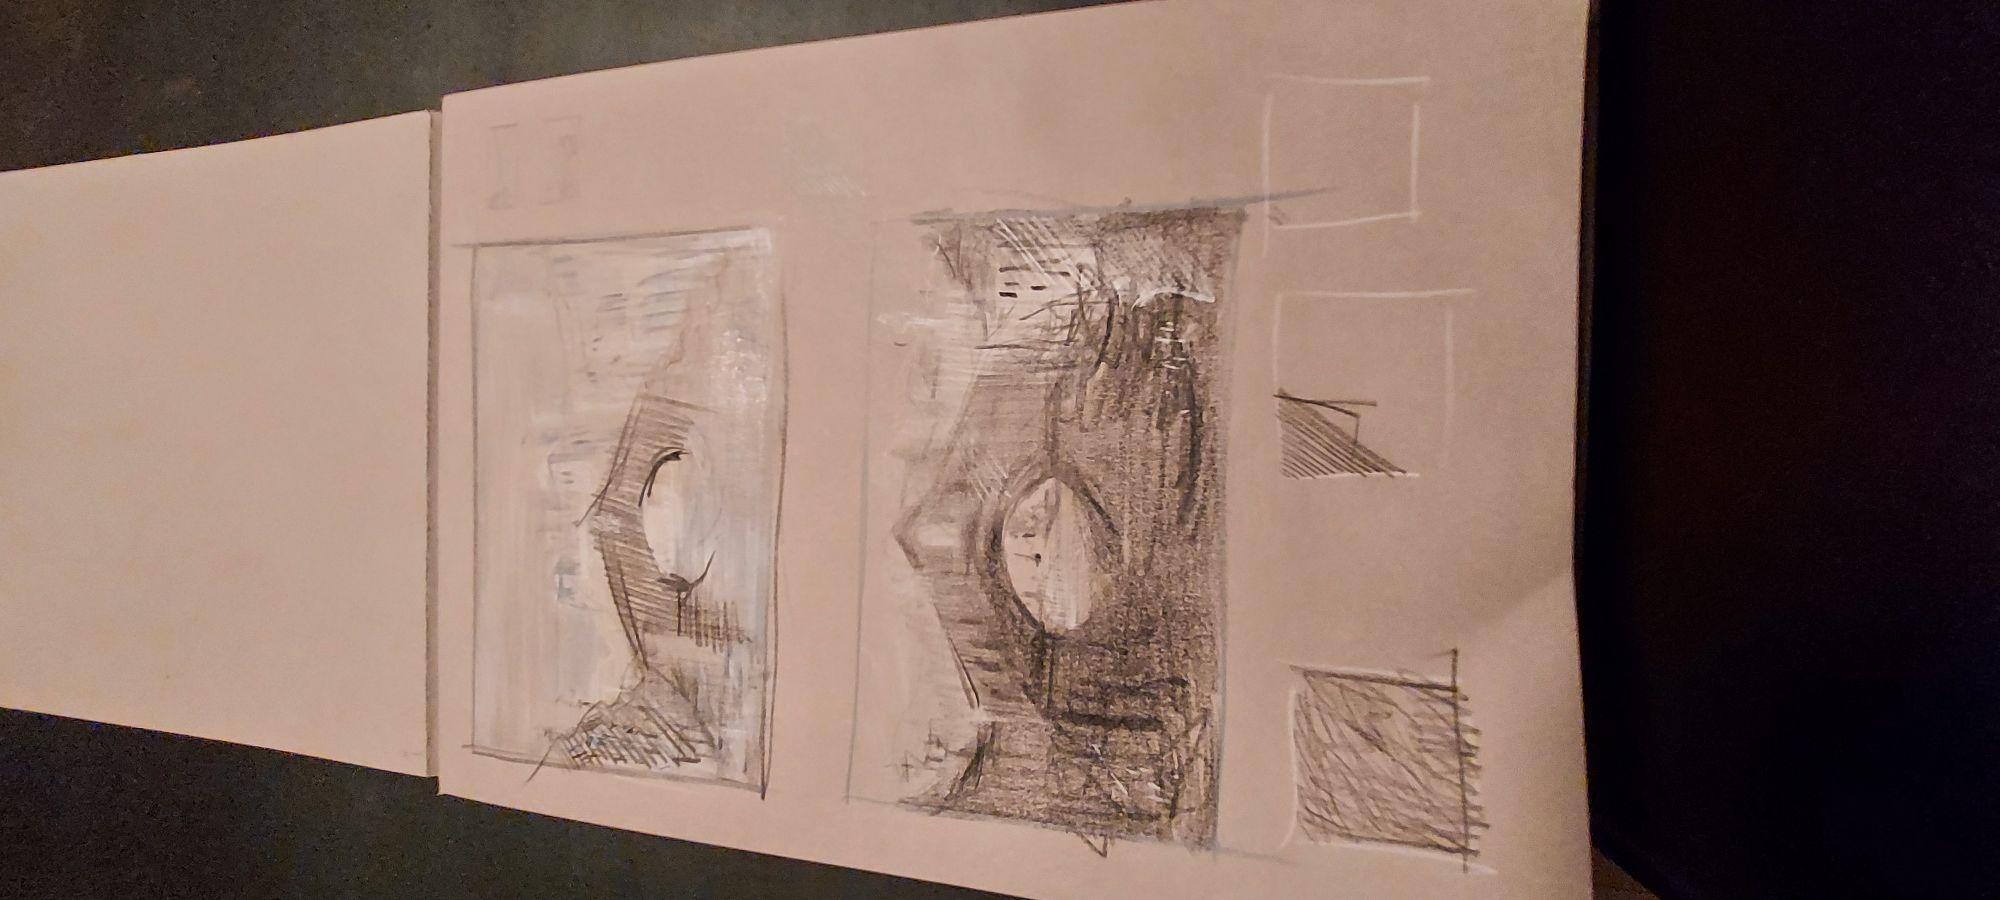 Акварельные карандаши + пастель масляная + уголь .Бумага.